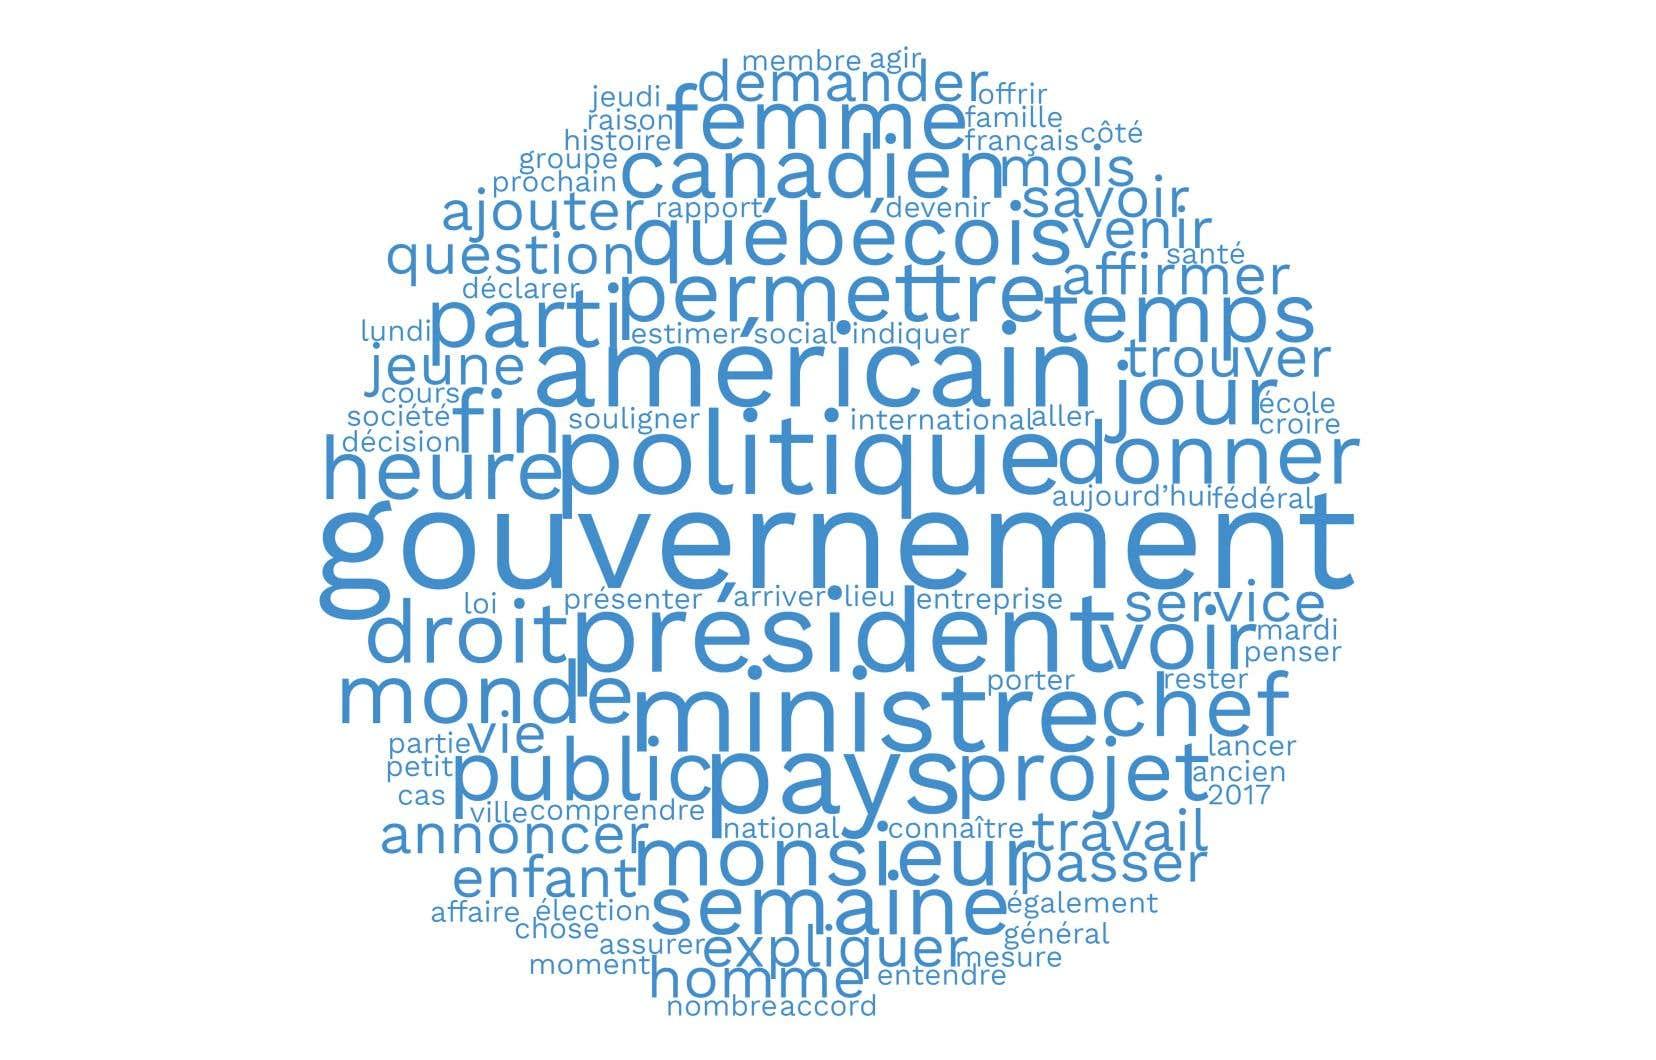 Ce nuage de mots met en relief les principaux thèmes abordés dans les éditions papier et numériques du «Devoir».